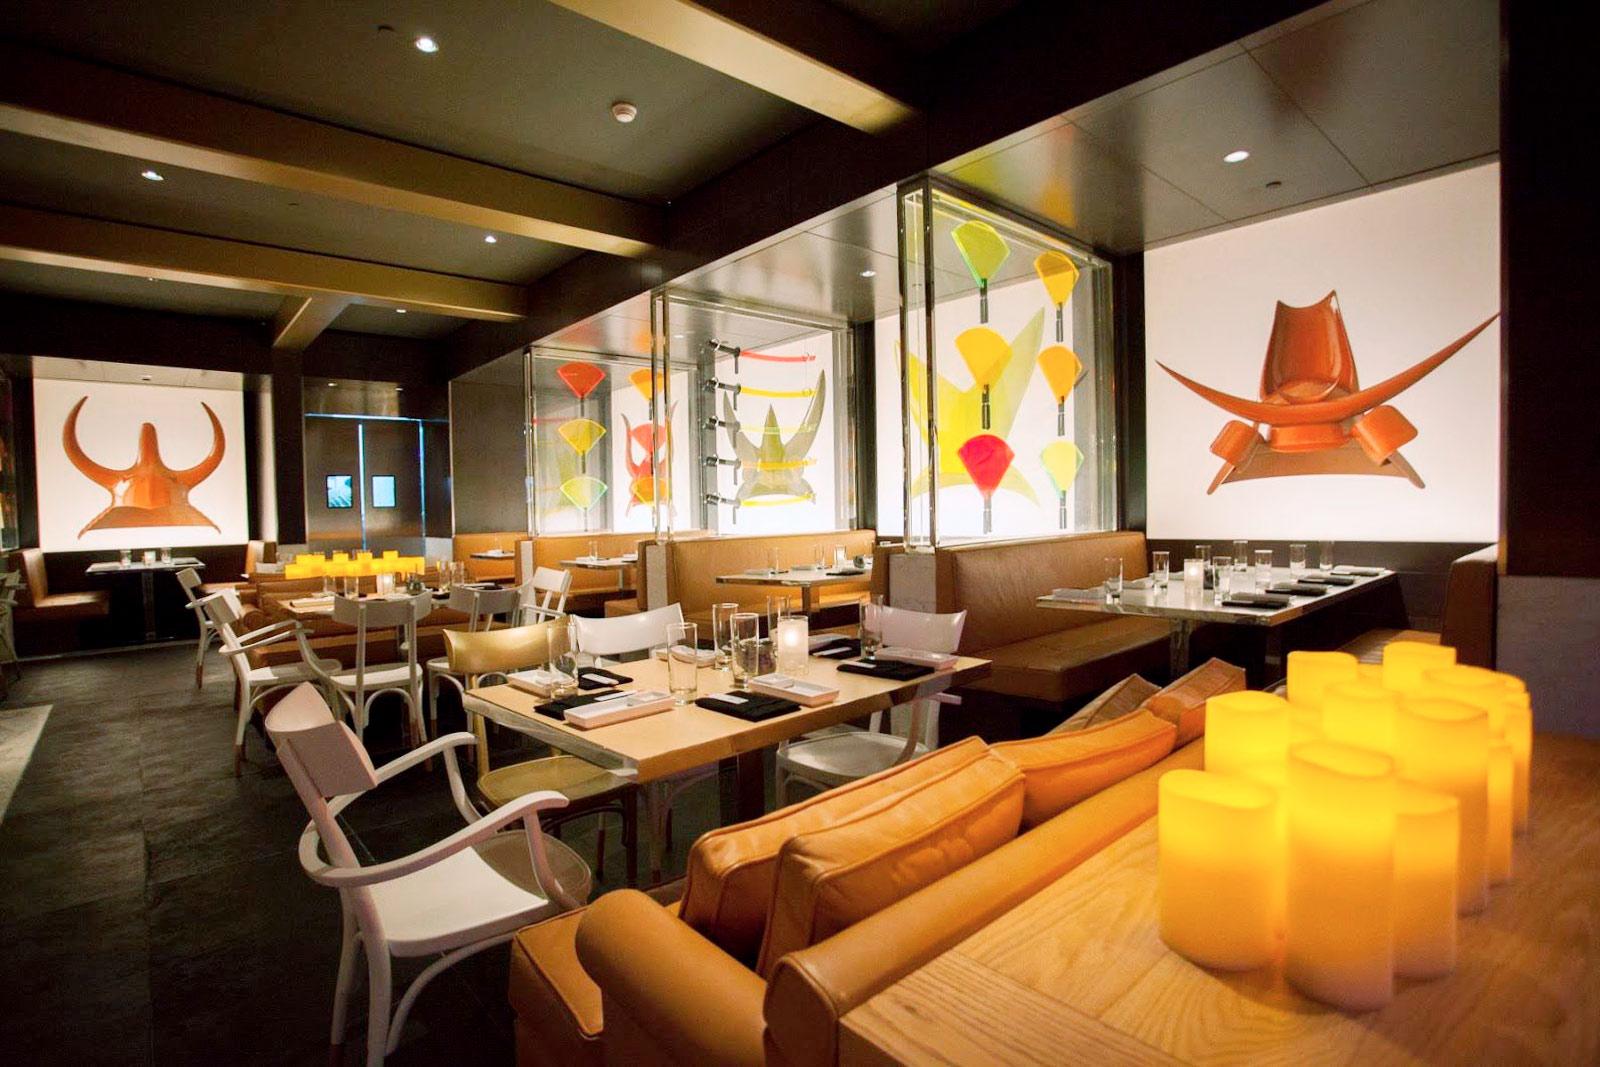 Ресторан Katsuya, в котором я работаю, находится в торговом центре The Avenues